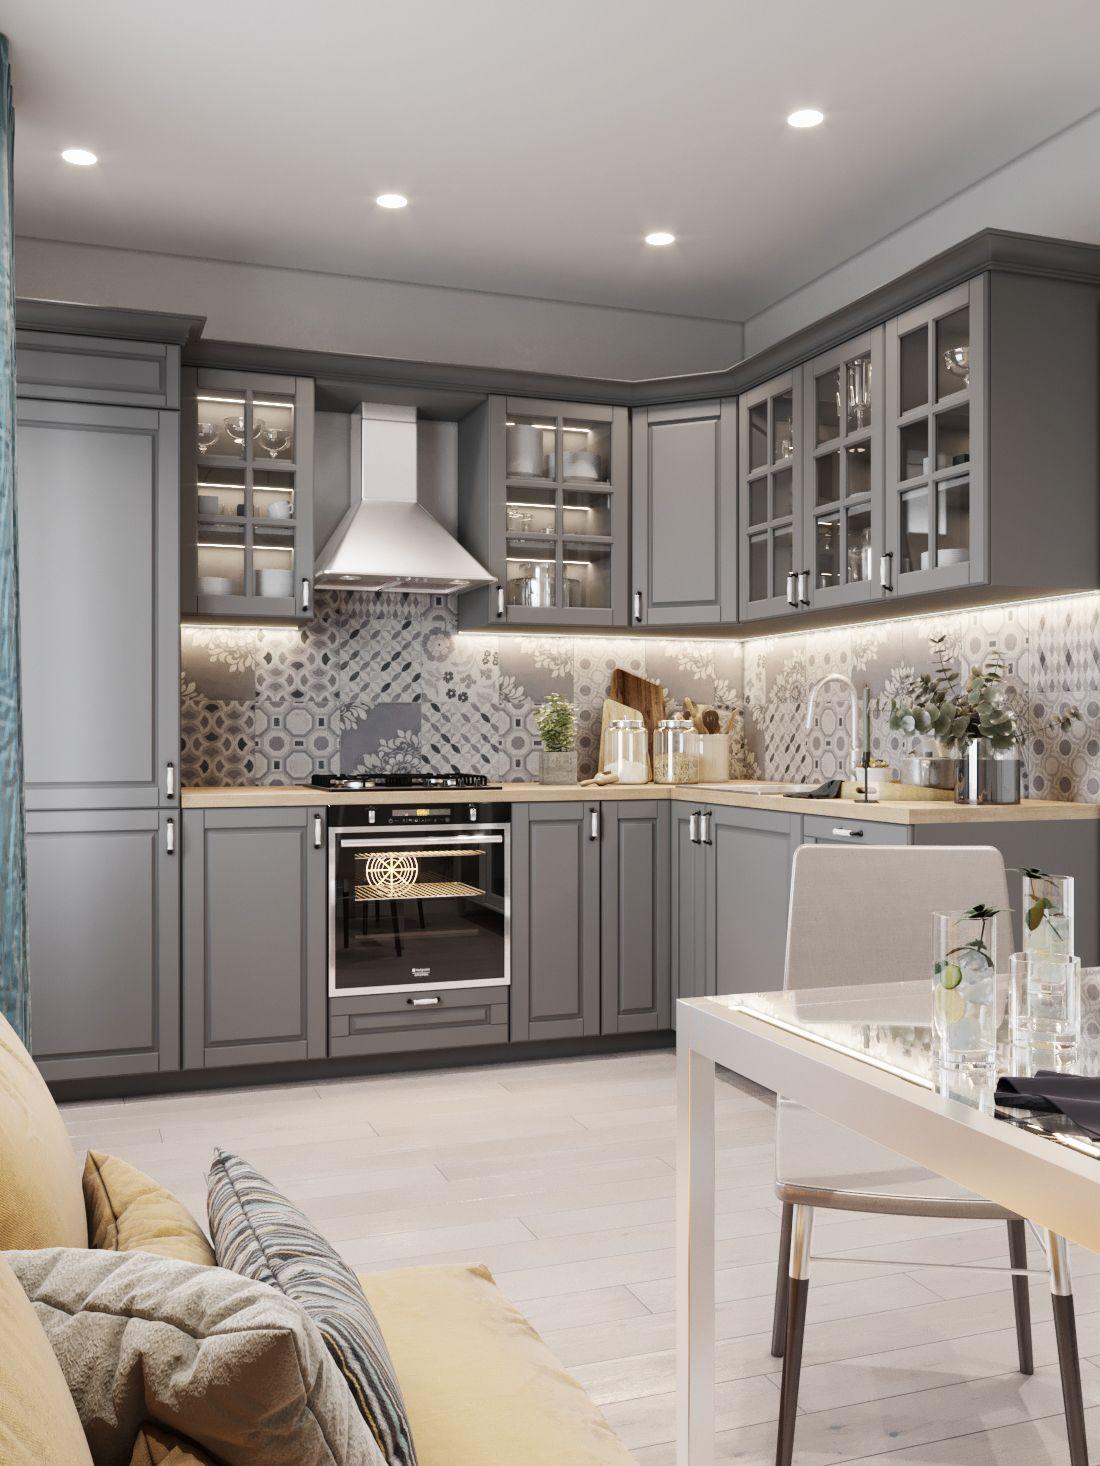 56f53f56025853.599d55b5bd669 (1100×1466) | House | Pinterest | Landhaus  Küche, Küchen Design Und Küche